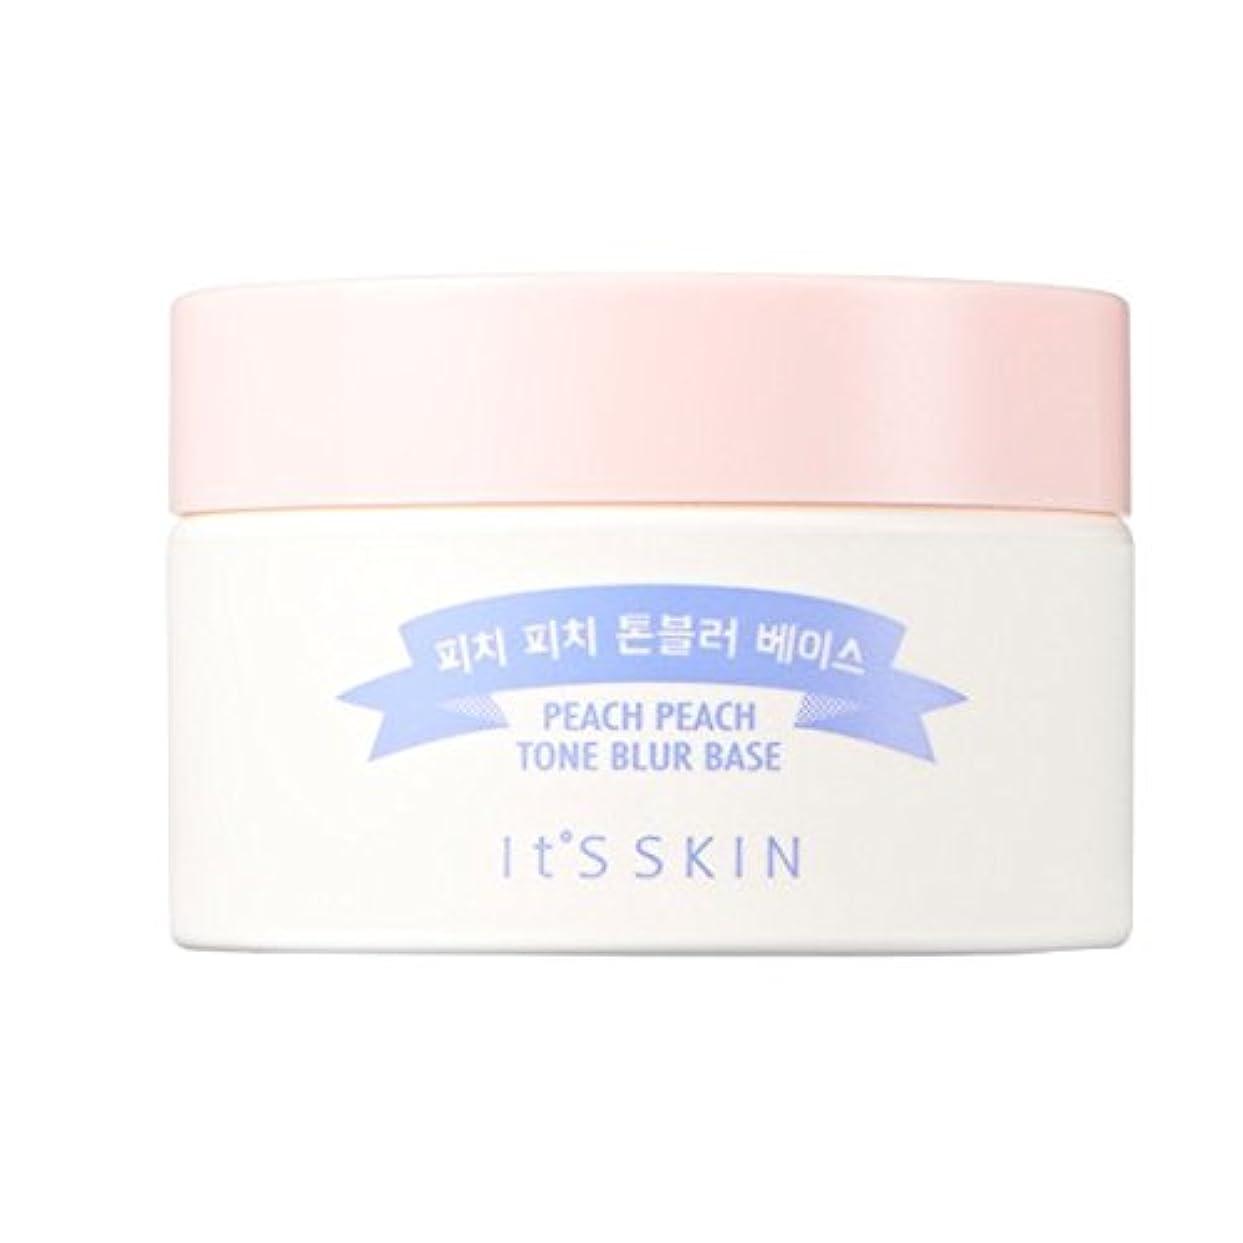 綺麗な凍るペンIt's Skin Peach Peach Tone Blur Base 30ml / イッツスキン ピーチピーチトーンブラーベース SPF25 PA++ 30 ml [並行輸入品]